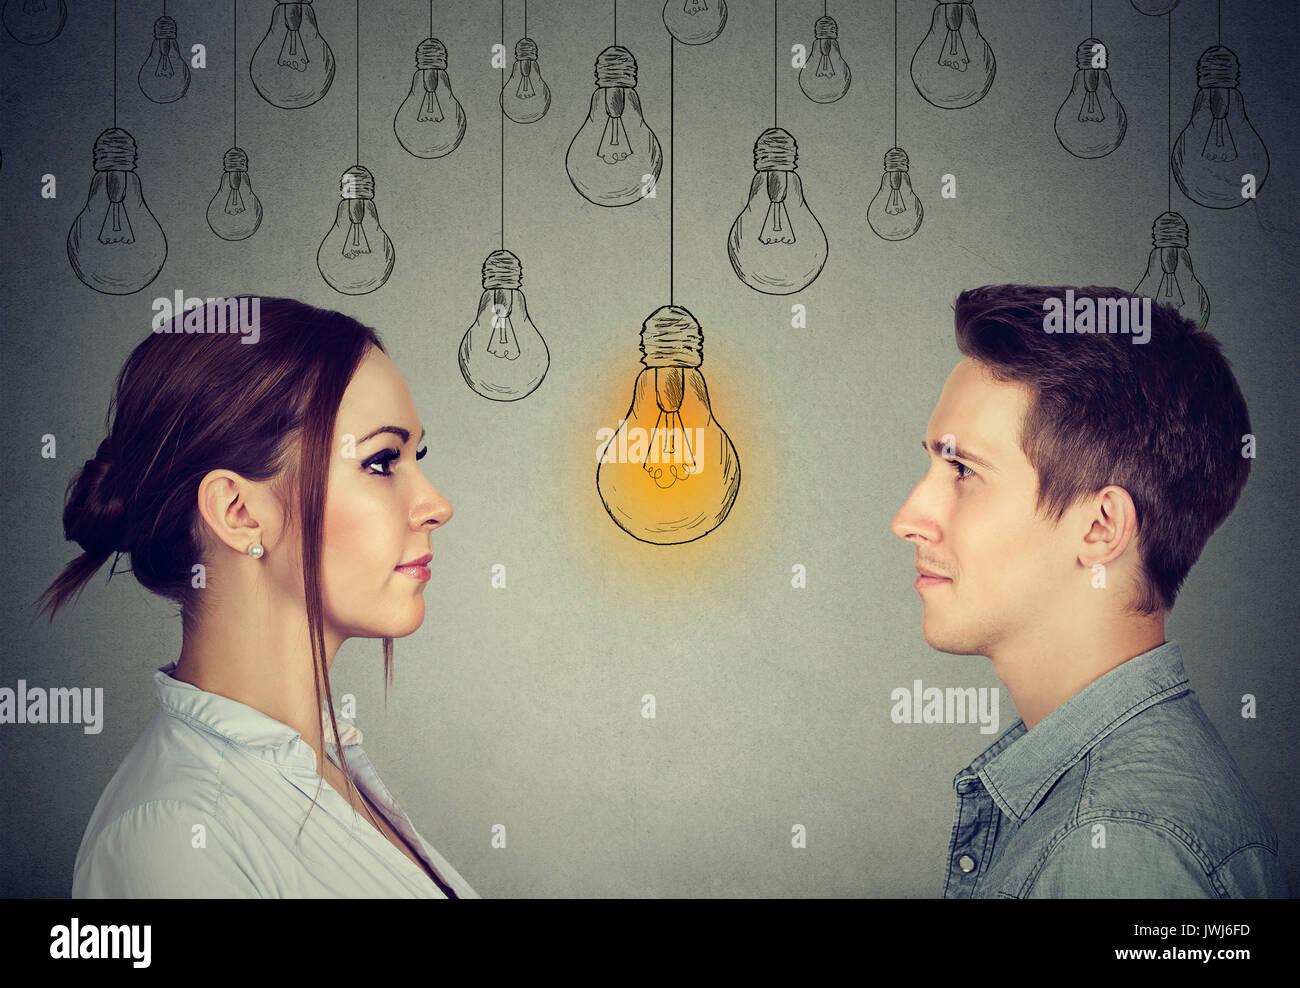 Kognitive Fähigkeiten Fähigkeit, Konzept, männlich vs. weiblich. Der Mann und die Frau auf der Suche nach hellen Glühbirne auf grauen Hintergrund isoliert Stockbild